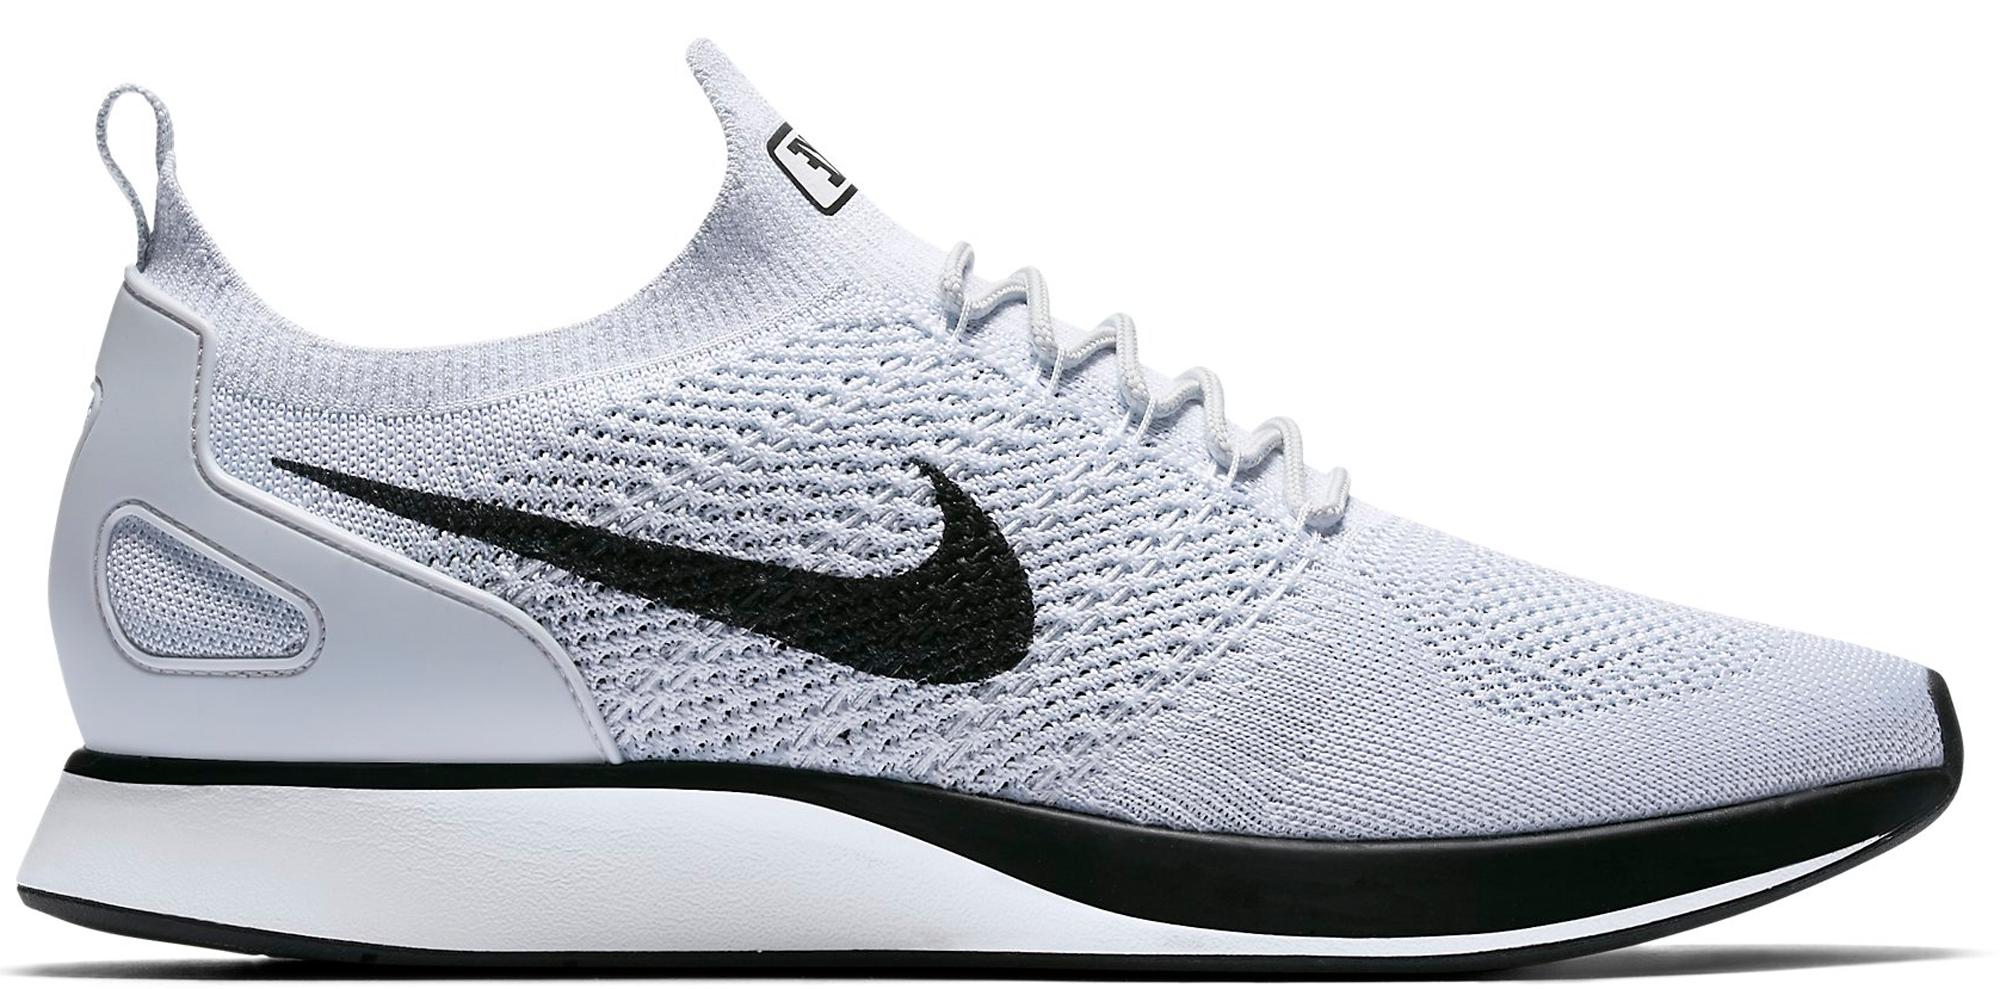 grosor Acerca de la configuración ayudar  Nike Air Zoom Mariah Flyknit Racer Premium Pure Platinum - StockX News